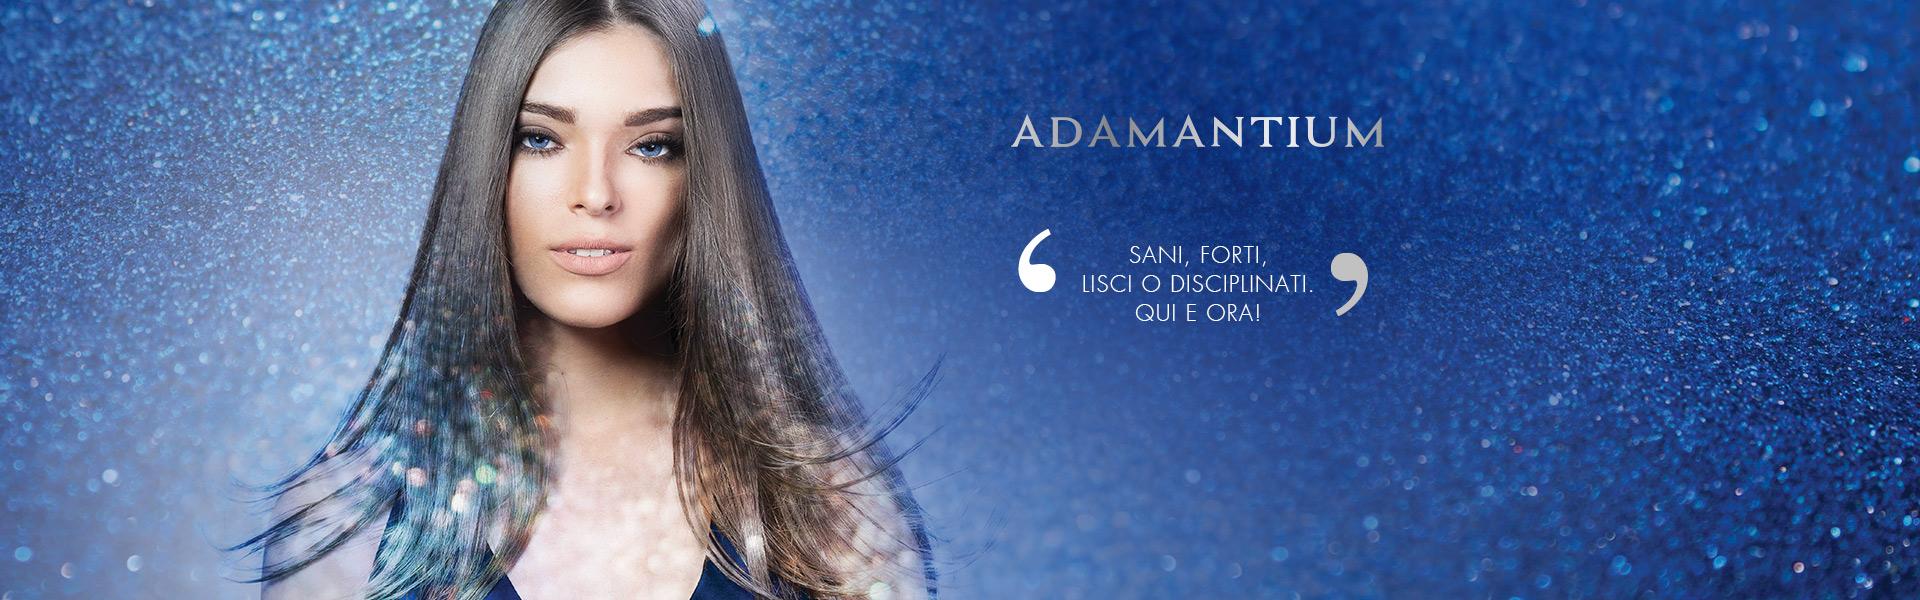 Adamantium_it